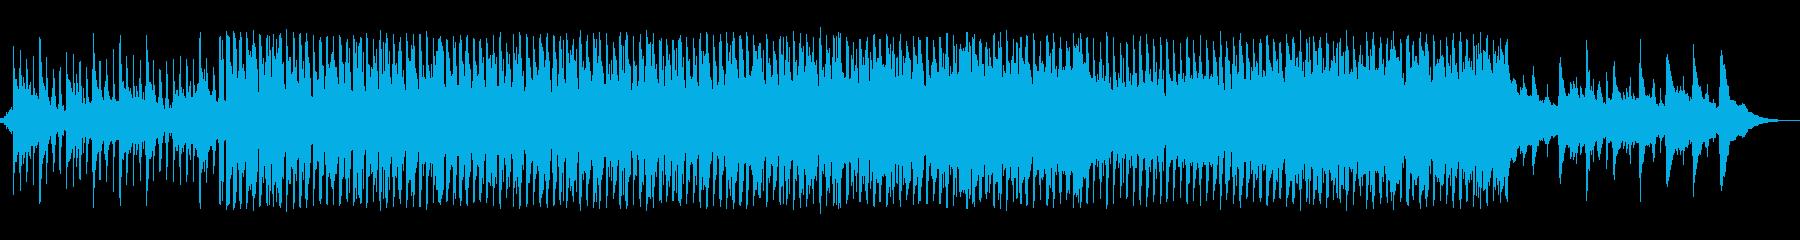 生アコギとピアノが優しいゆったりとした曲の再生済みの波形